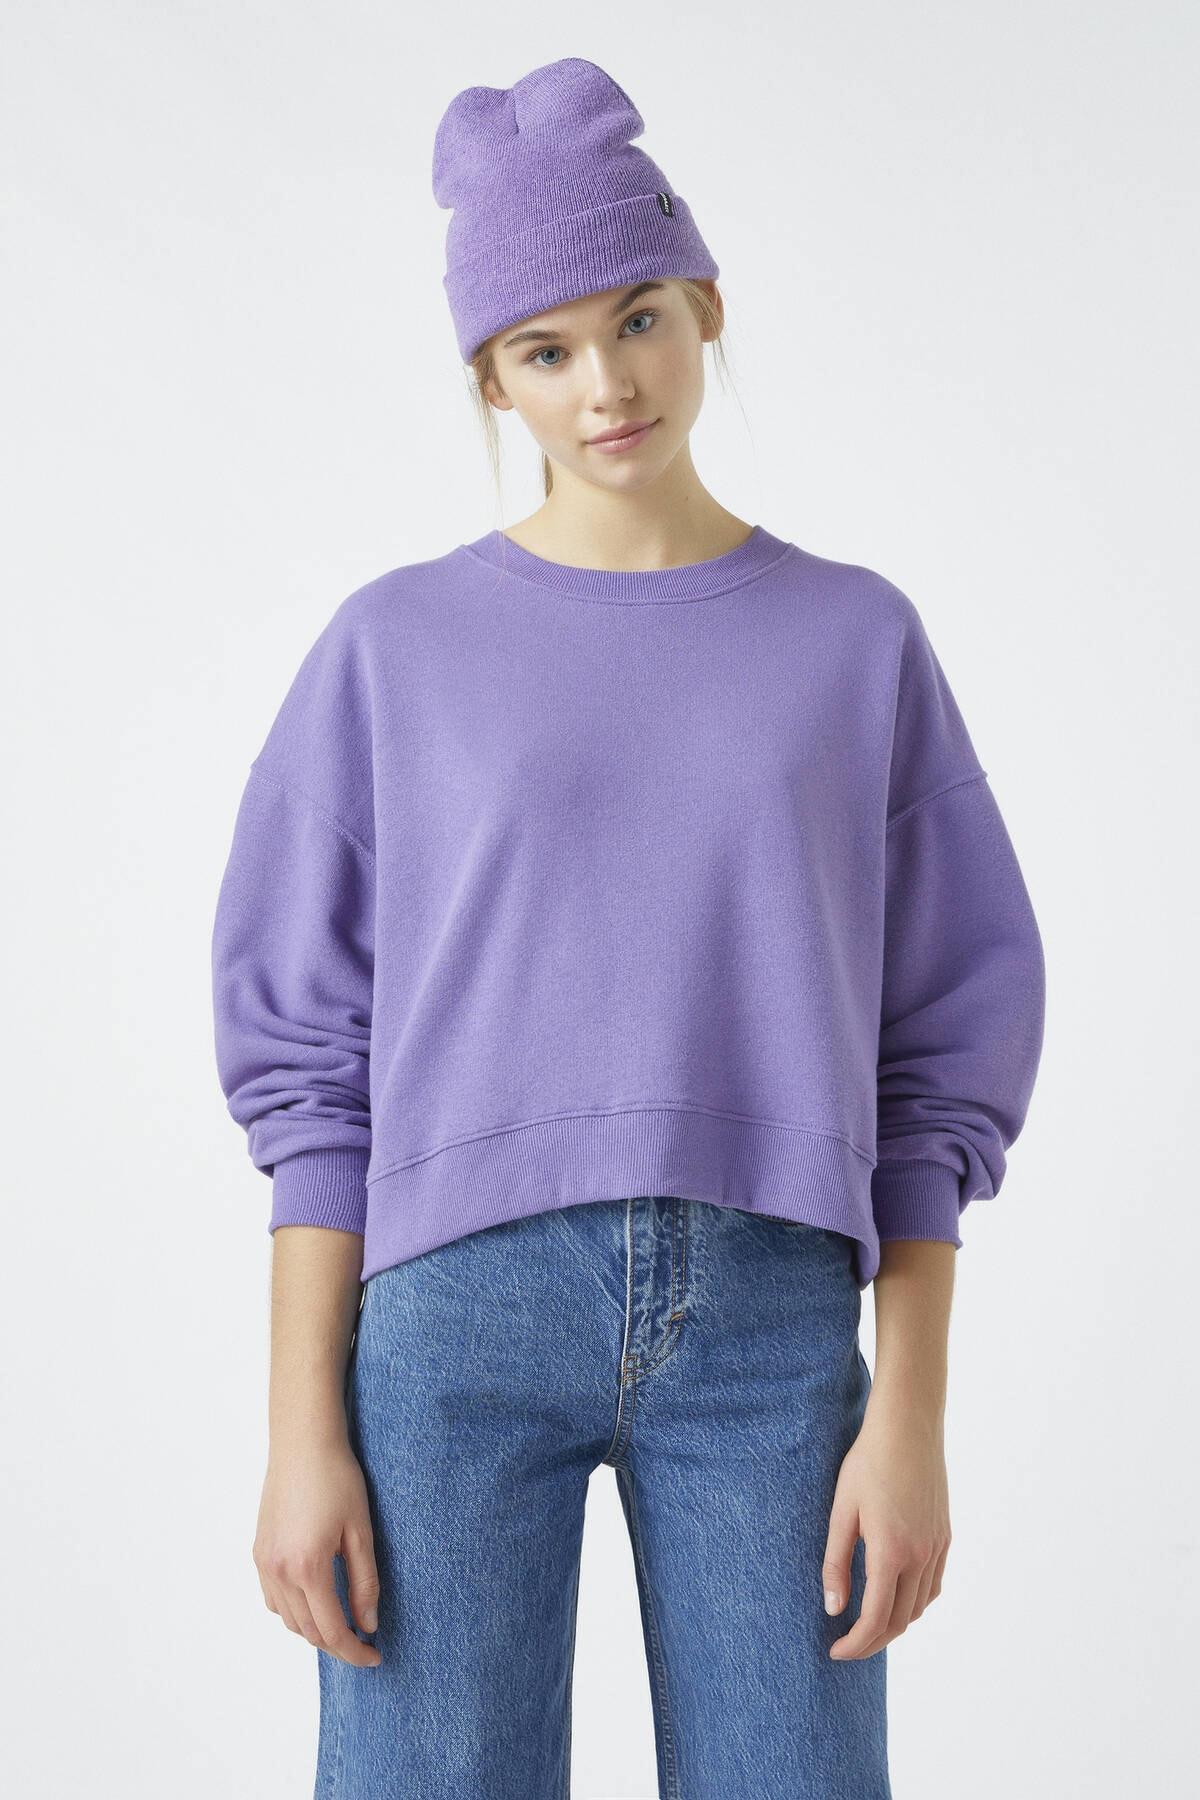 Pull & Bear Kadın Koyu Leylak Bisiklet Yaka Basic Sweatshirt 04591315